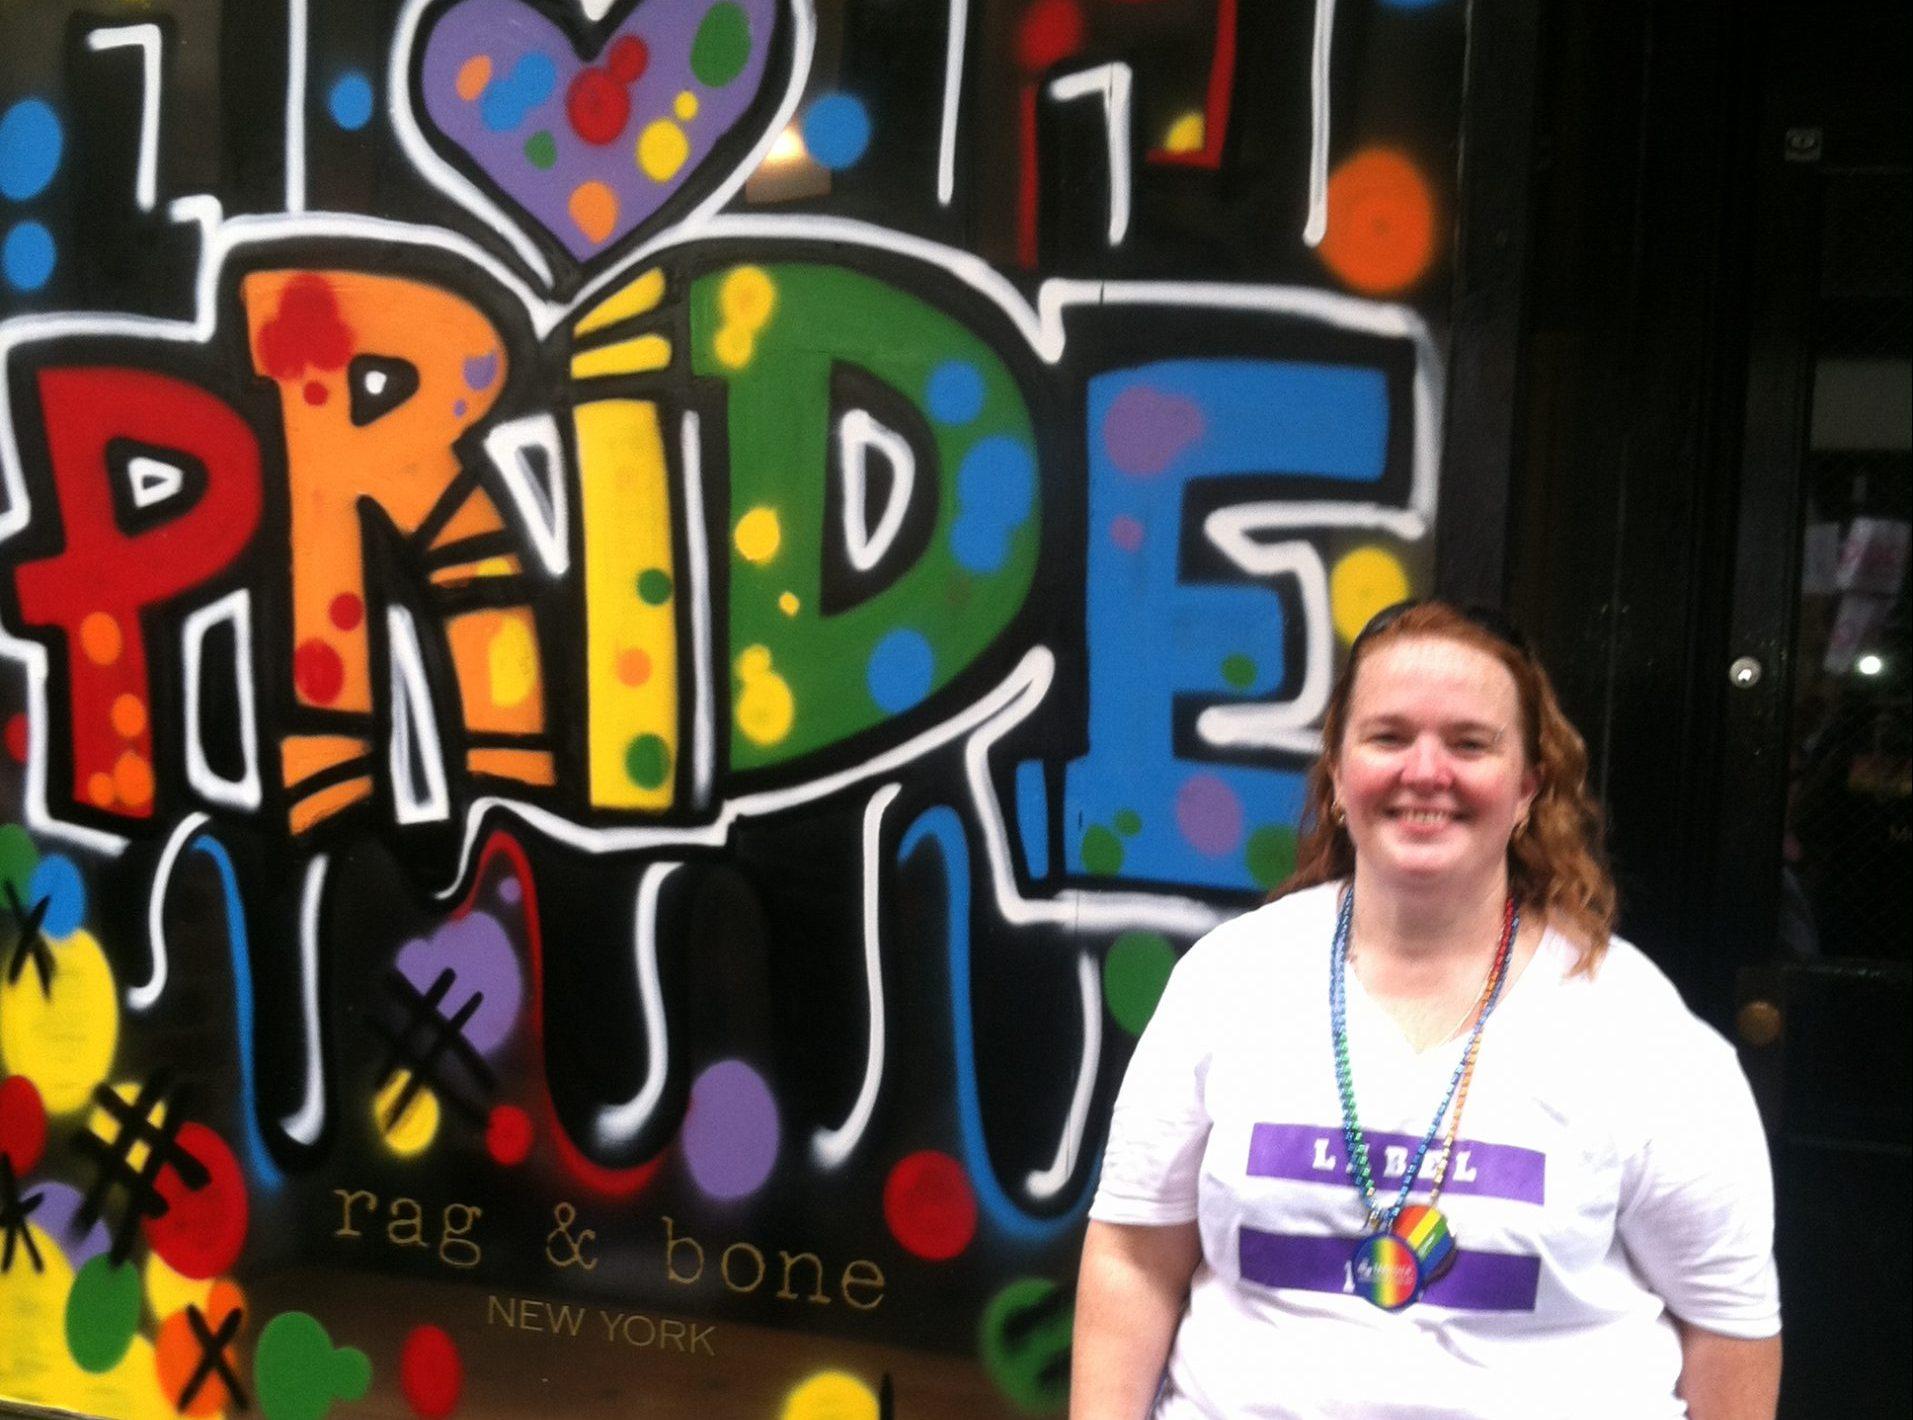 Terri Rieck at NYC Pride, June 30, 2013.